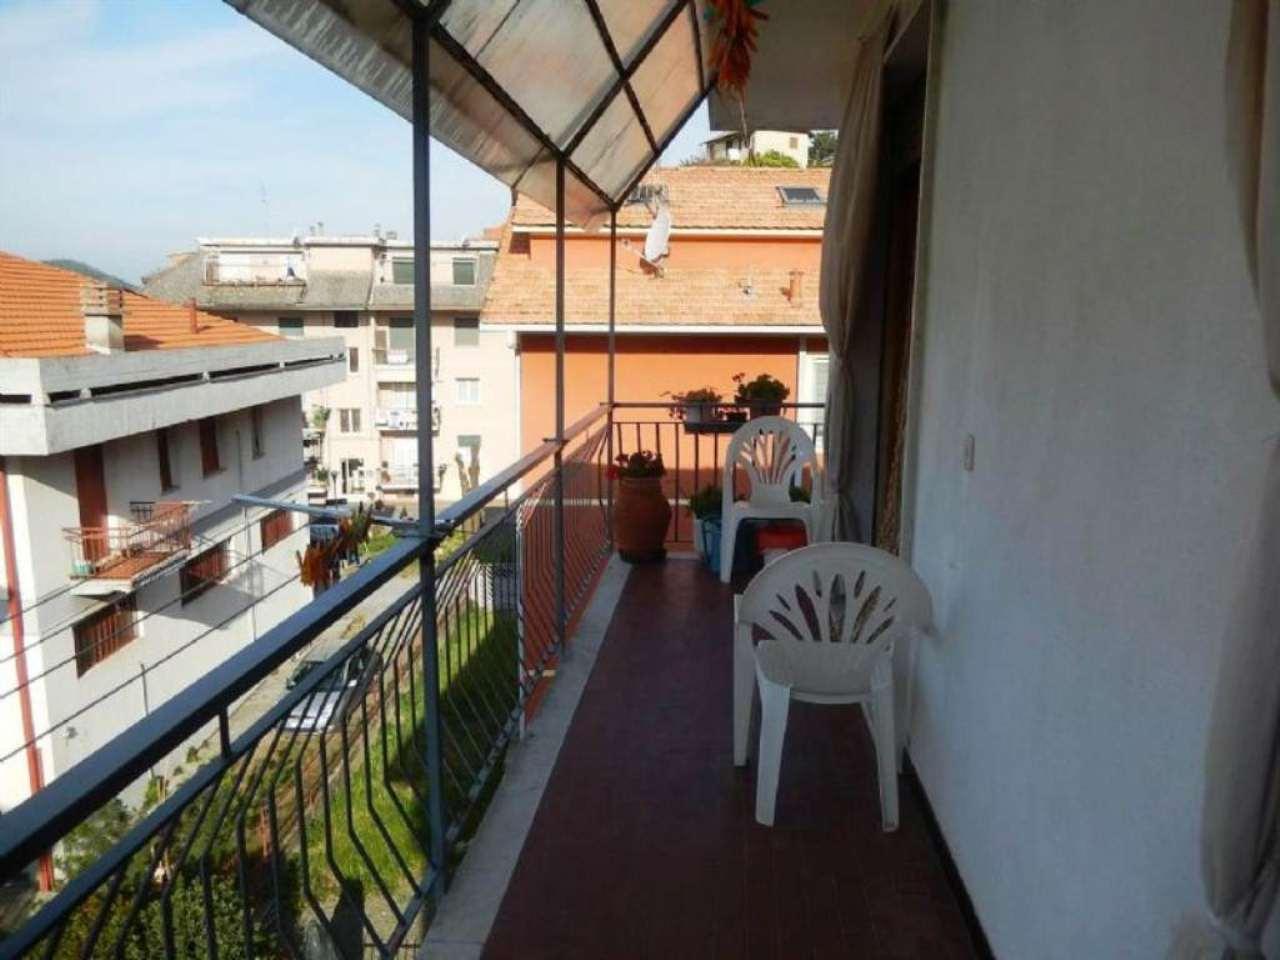 Appartamento in vendita a Casarza Ligure, 4 locali, prezzo € 210.000 | Cambio Casa.it